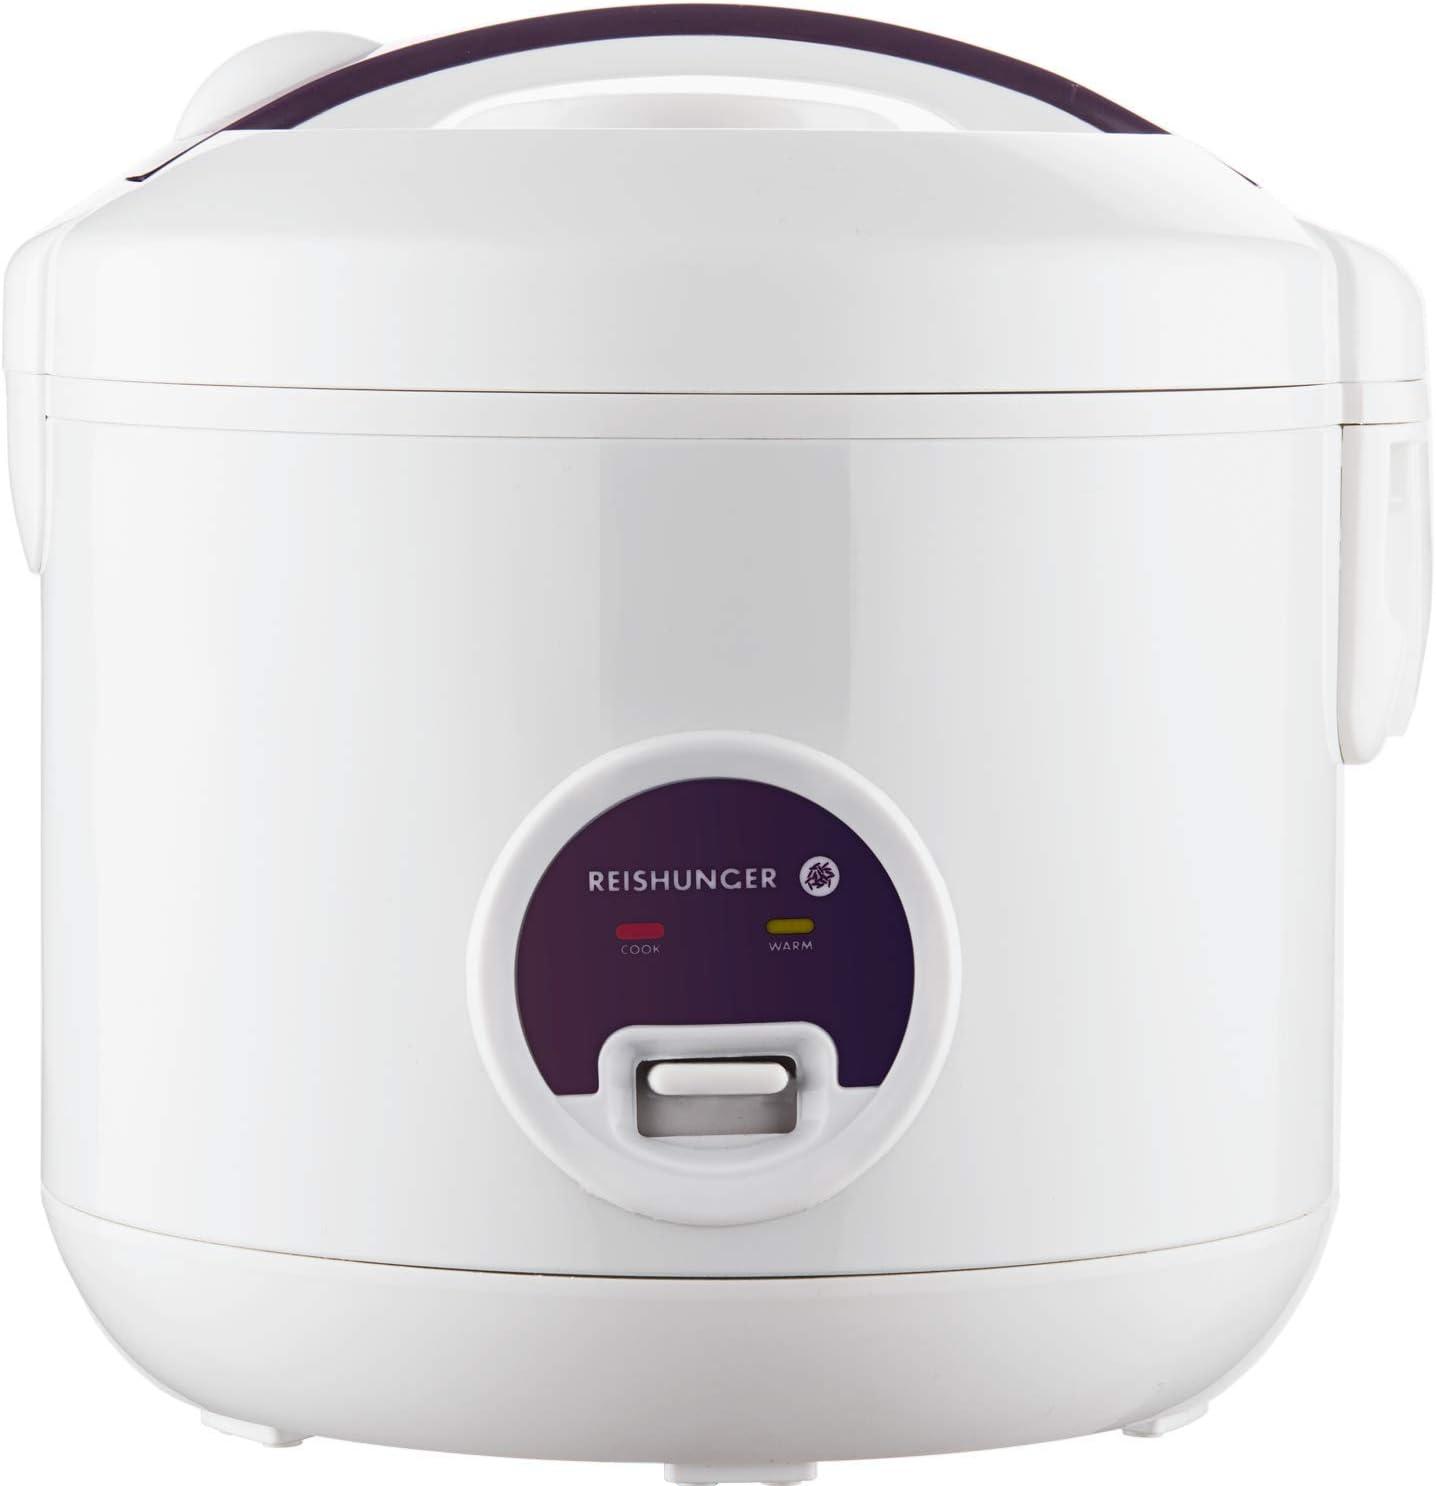 Reishunger Hervidor de arroz/arrocera (1,2l/500W/220V), función de mantenimiento del calor, olla interior, cuchara y vaso medidor de alta calidad – Arroz para hasta 6 personas